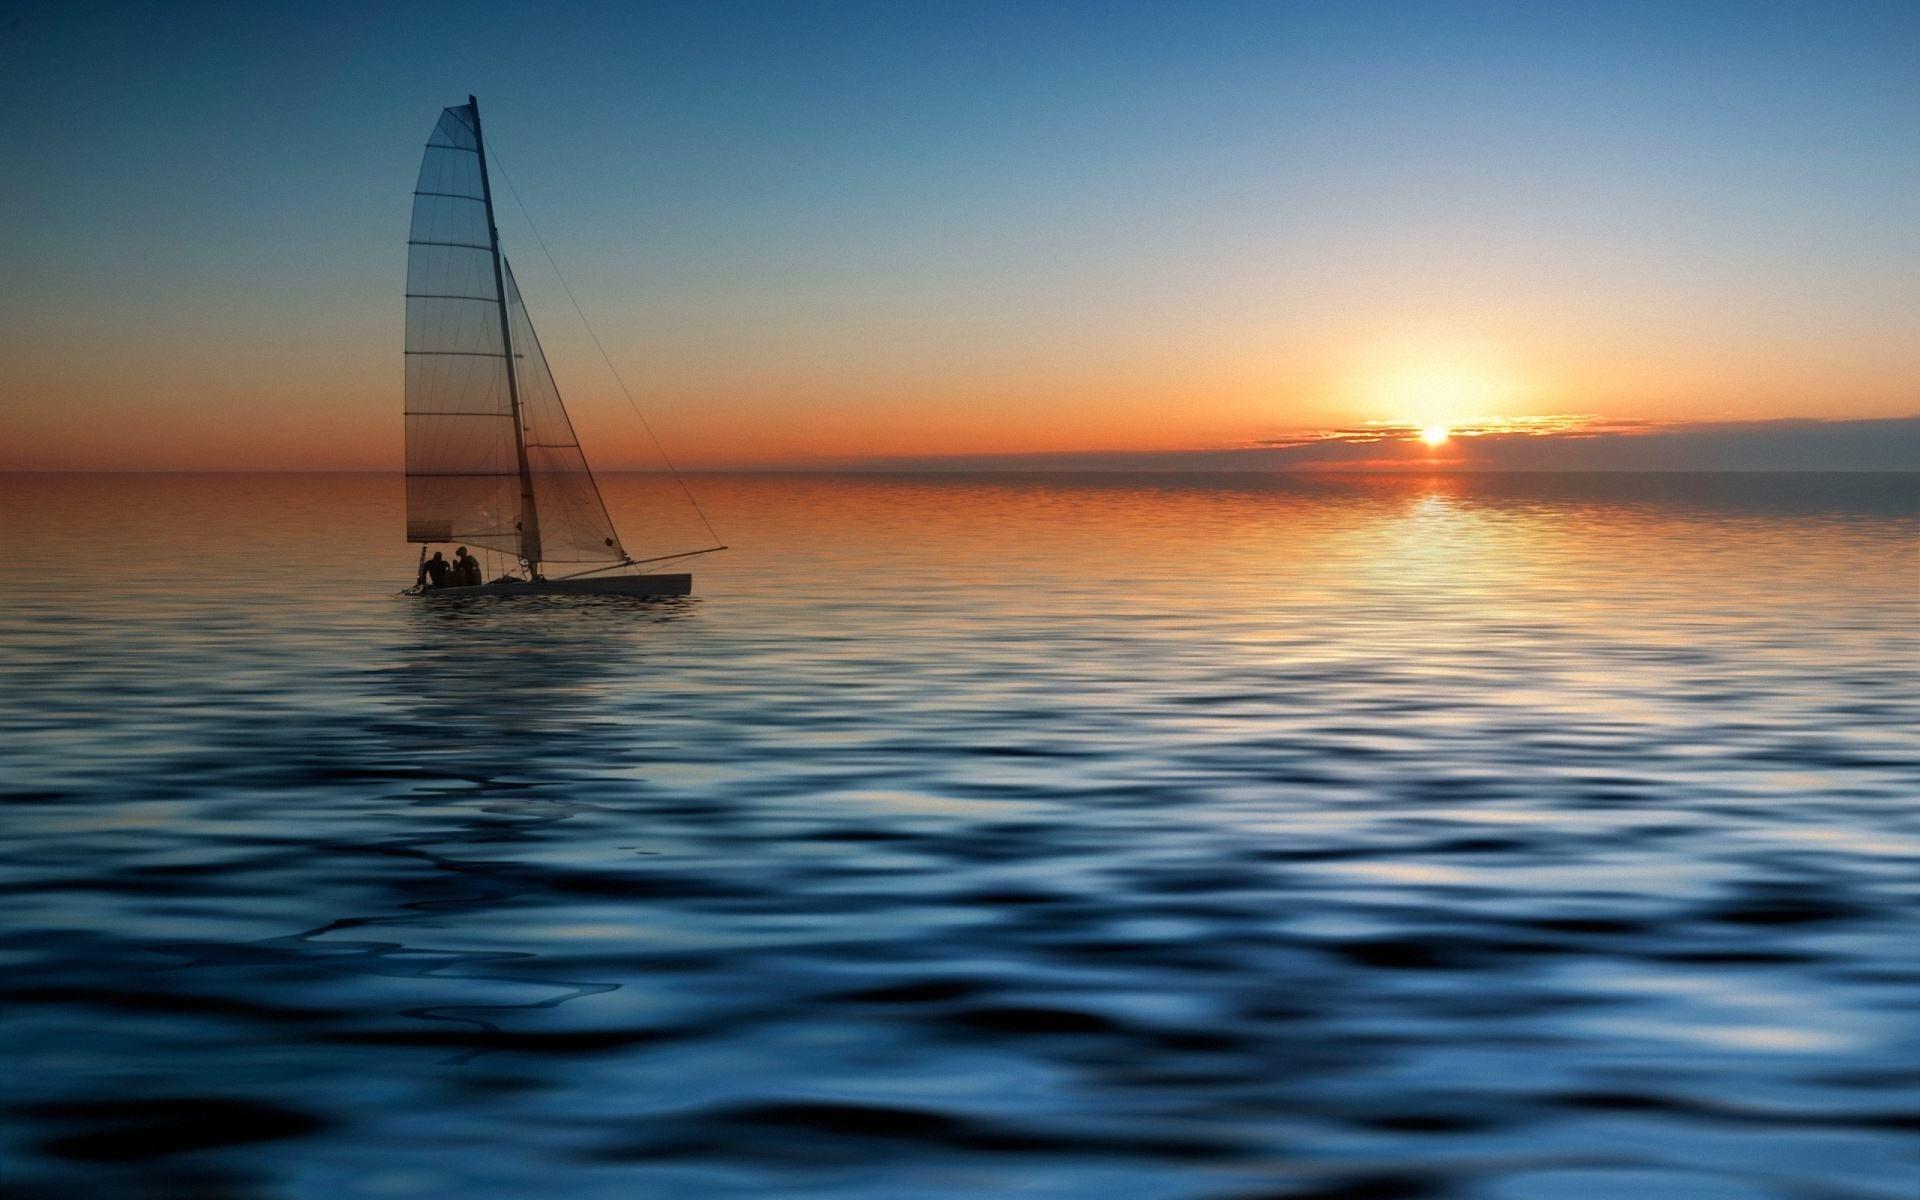 Отдых в Турции на яхте